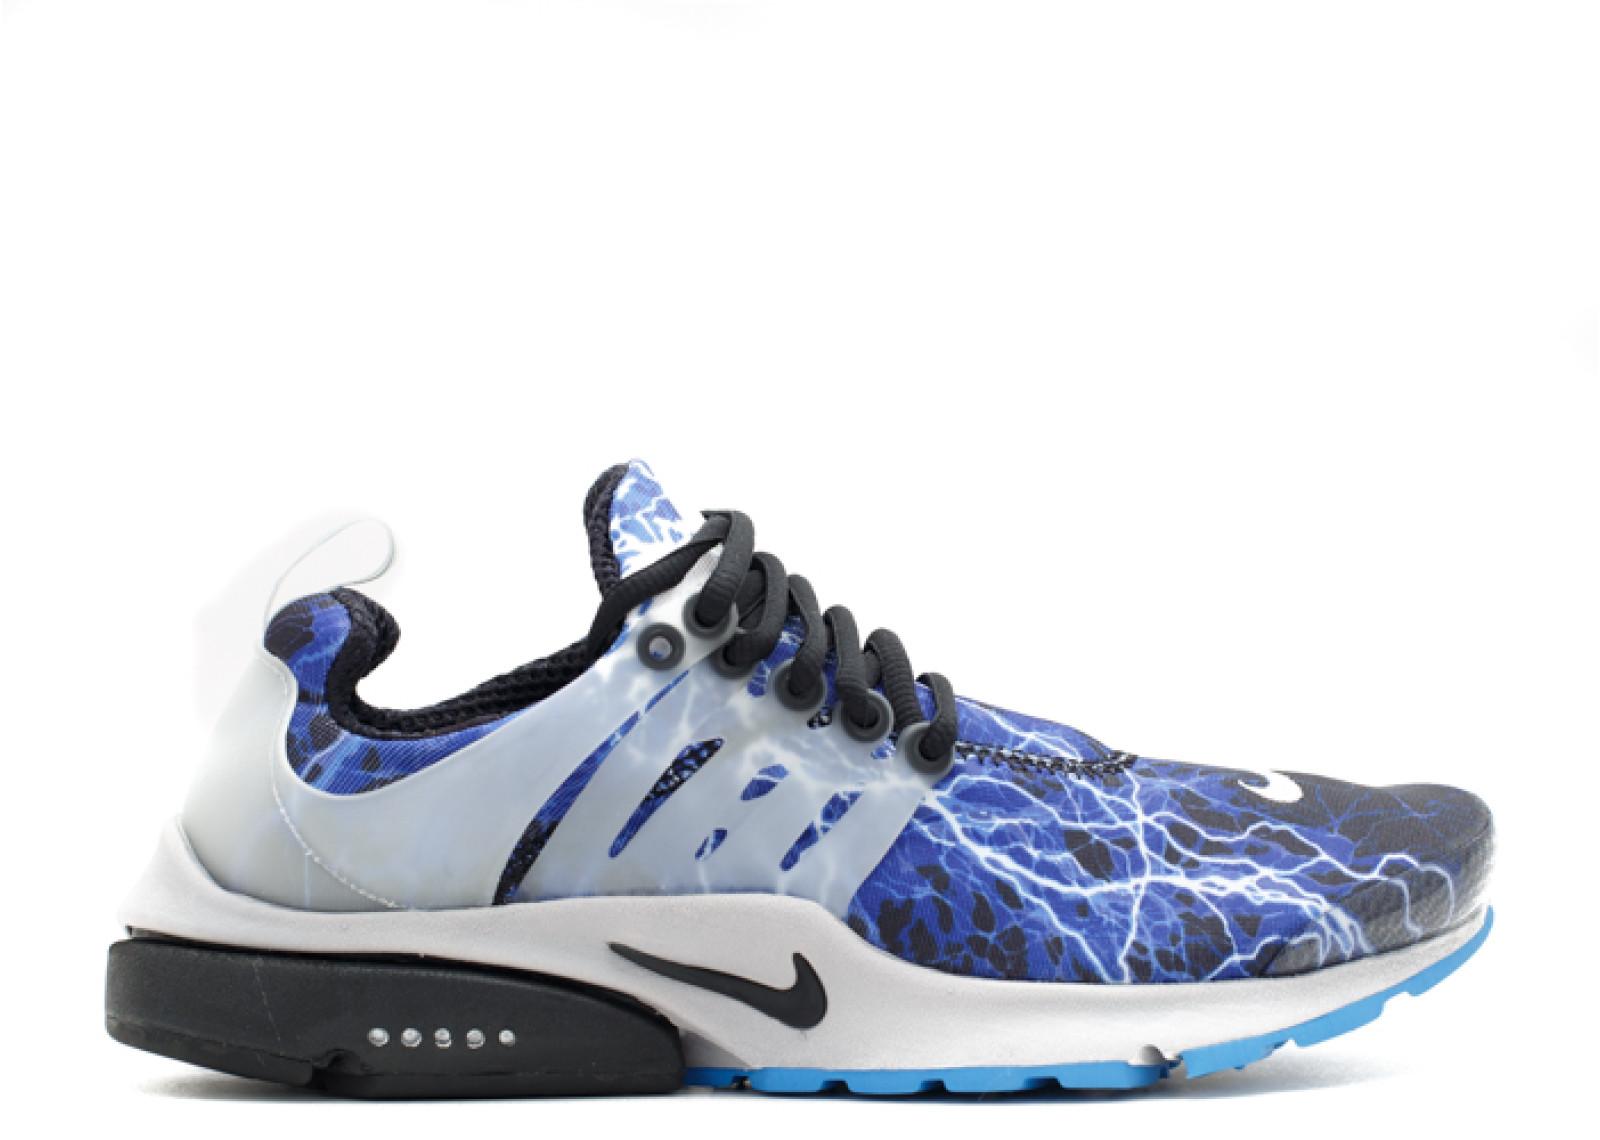 finest selection 31354 32840 Achat De ve Nike Air Presto Femme Chaussures Pas Cher Alainhemet